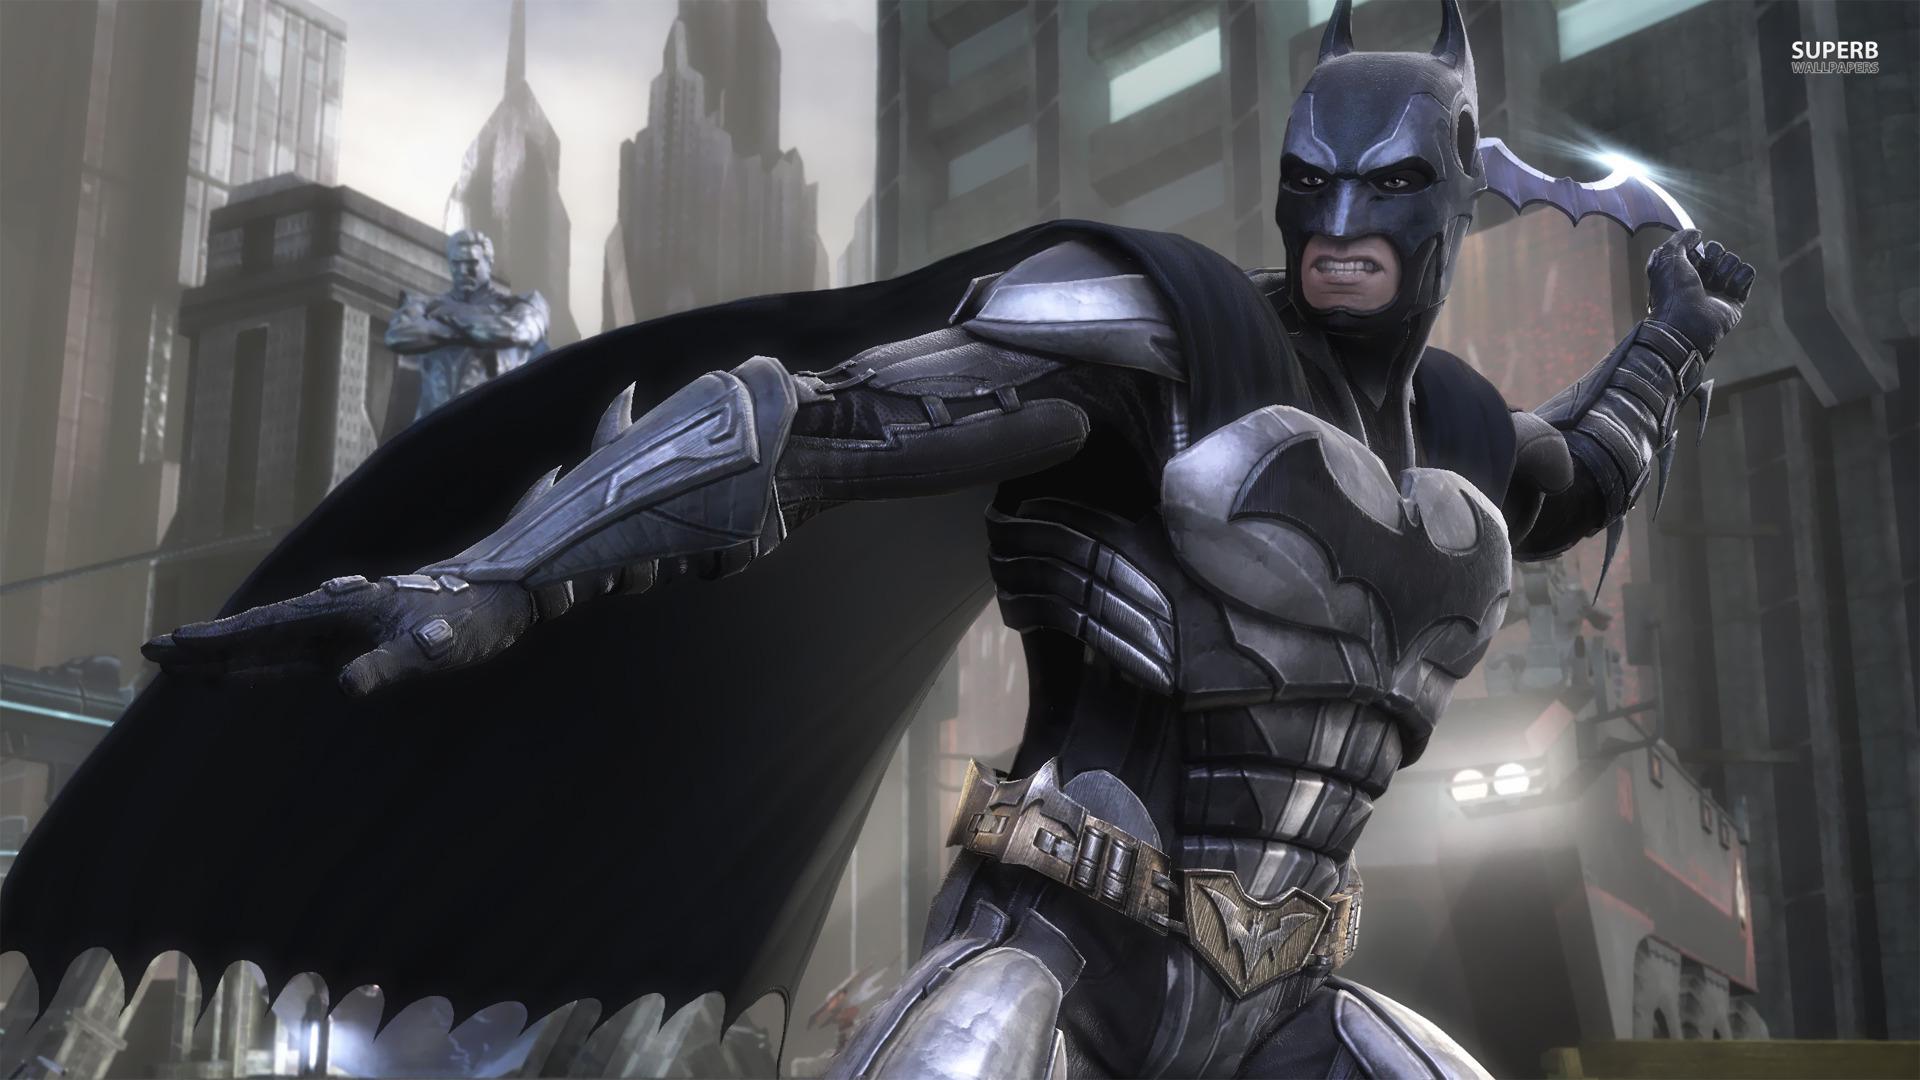 Injustice Gods Among Us Wallpaper Batman 1920x1080